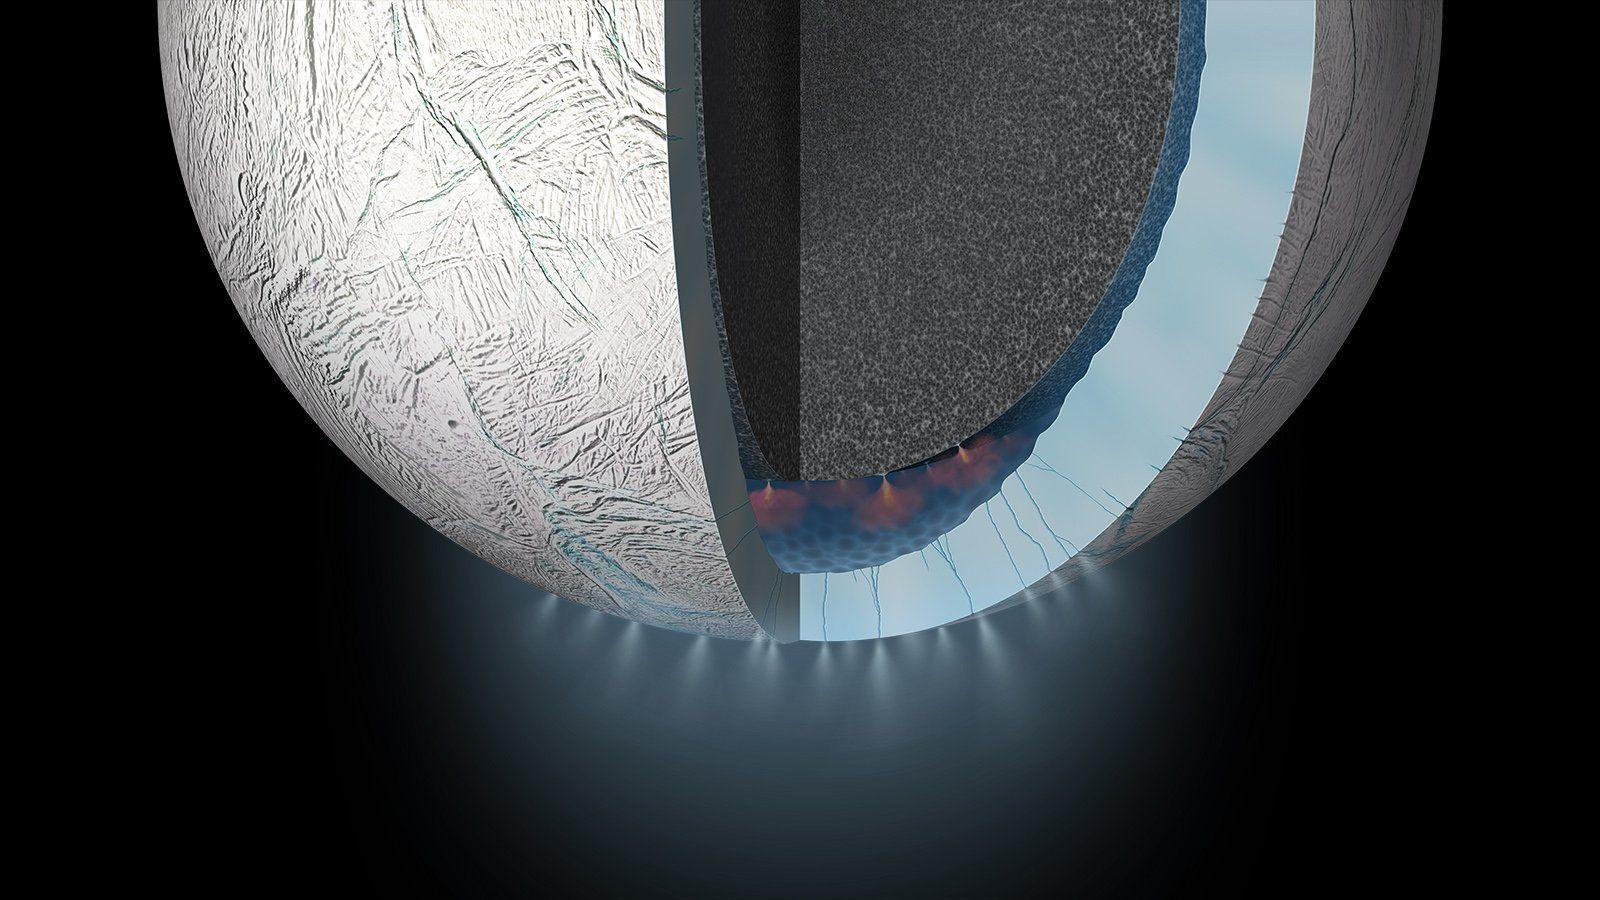 Сколько воды нужно для жизни где-нибудь еще в Солнечной системе?